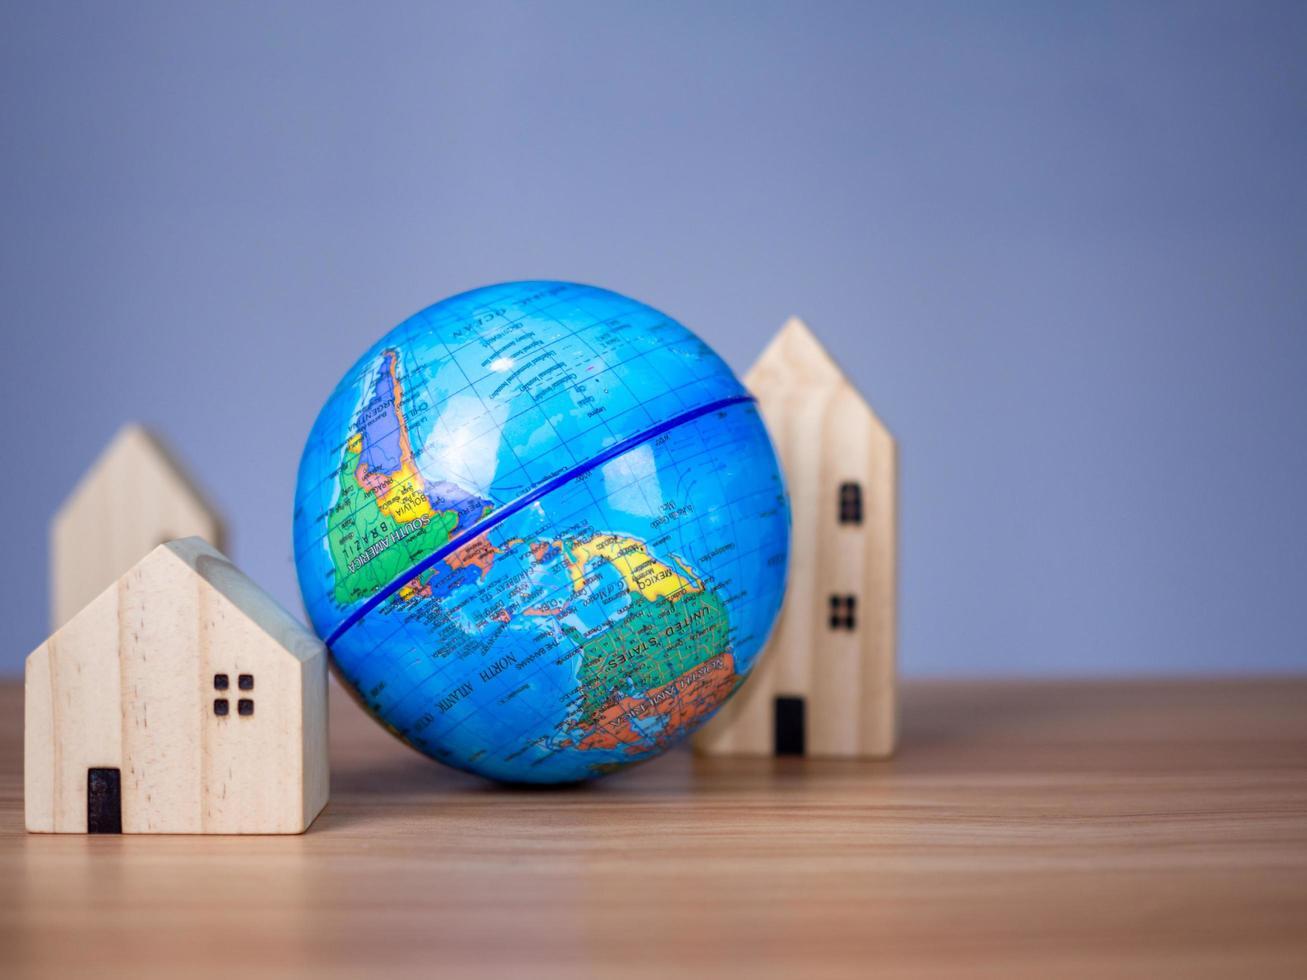 naast een replica wereldbol staat een houten modelhuis. foto